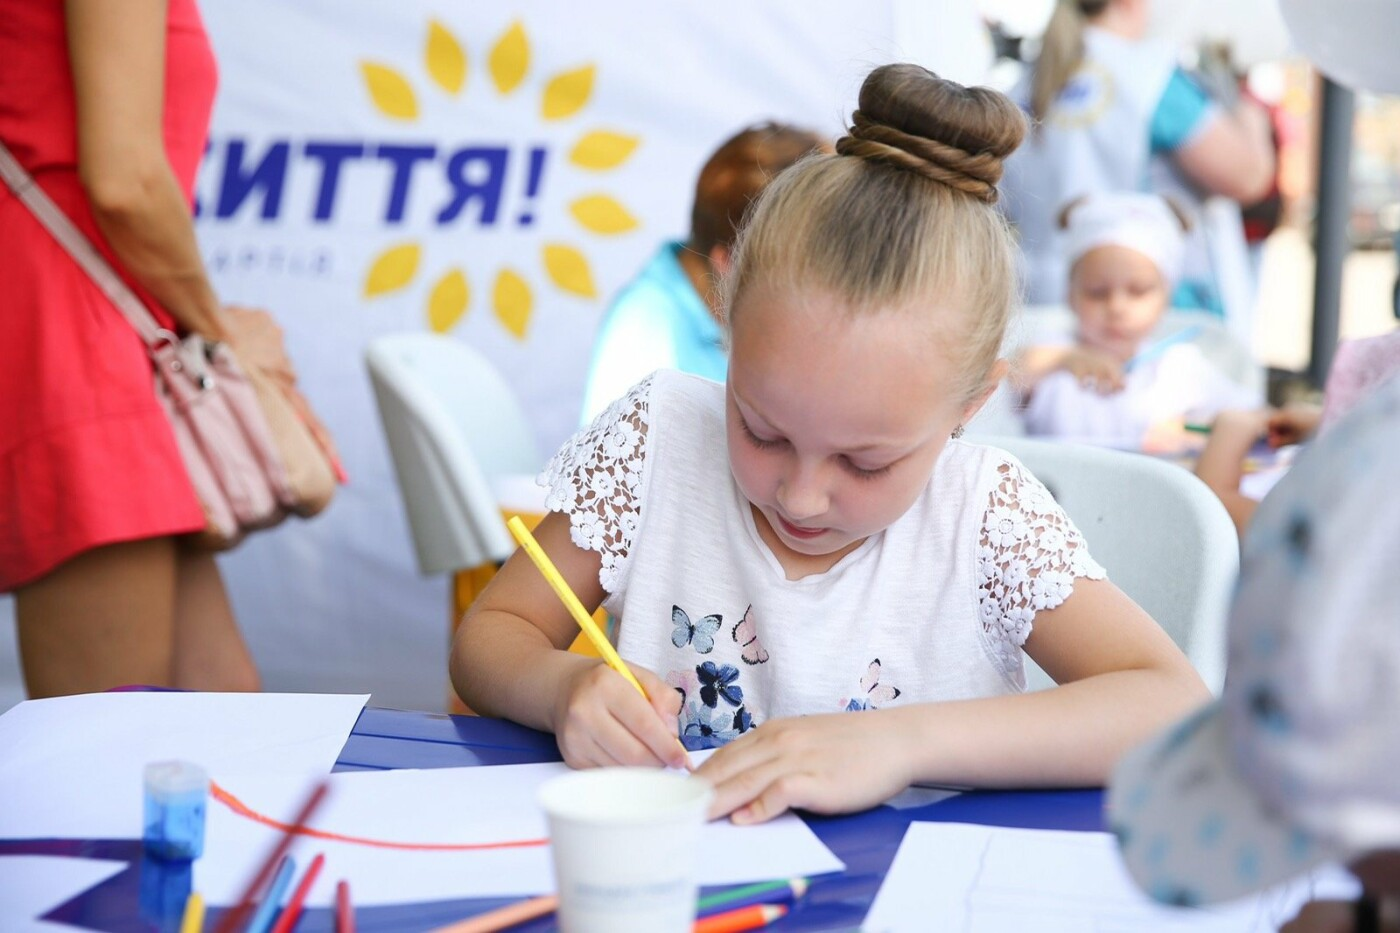 ОПЗЖ перевела детский проект в онлайн-формат: поучаствовать смогут ребята со всей области, фото-4